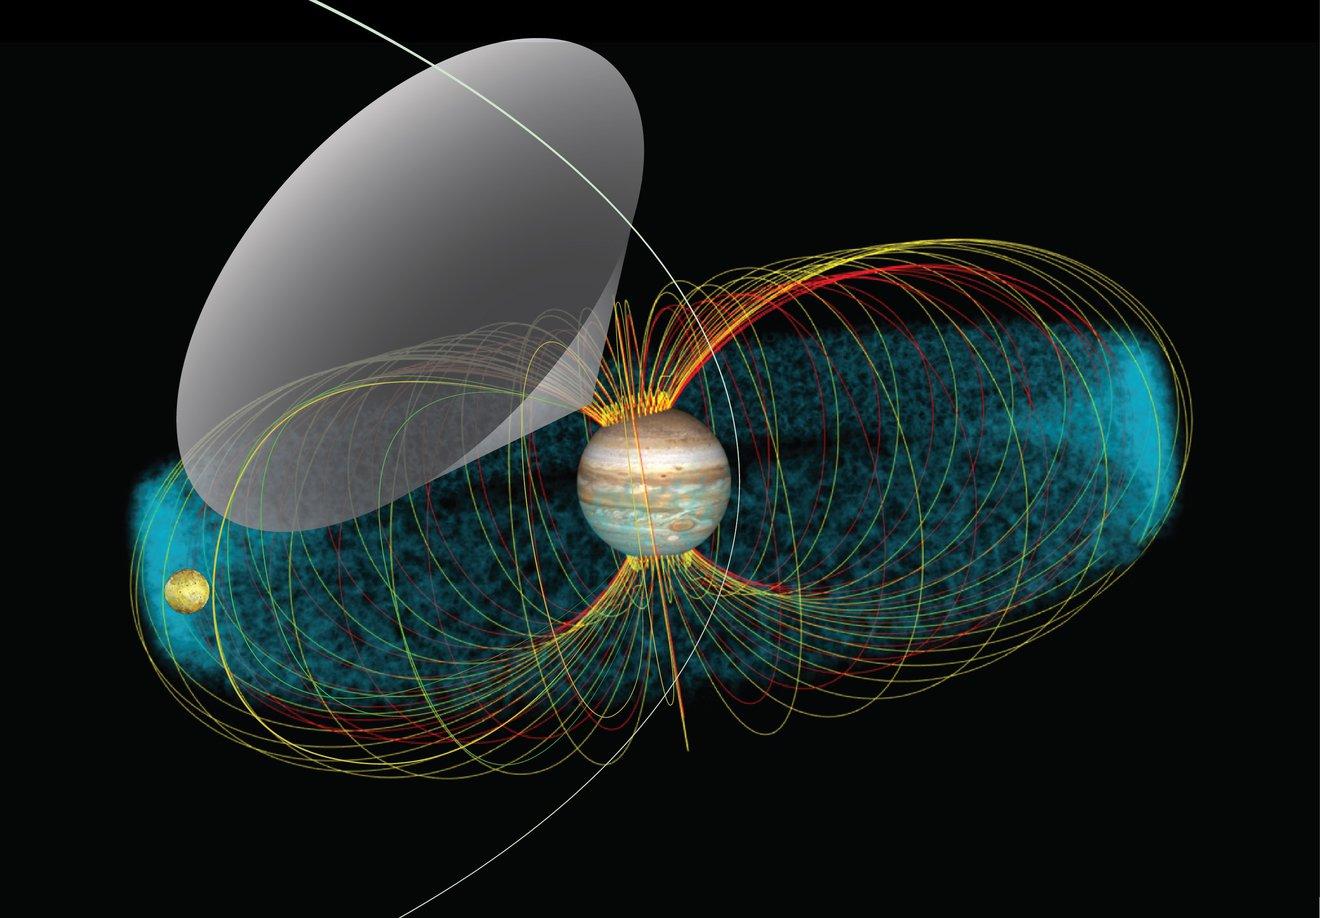 Juno de la NASA detecta emisiones de radio de Io, la luna volcánica de Júpiter